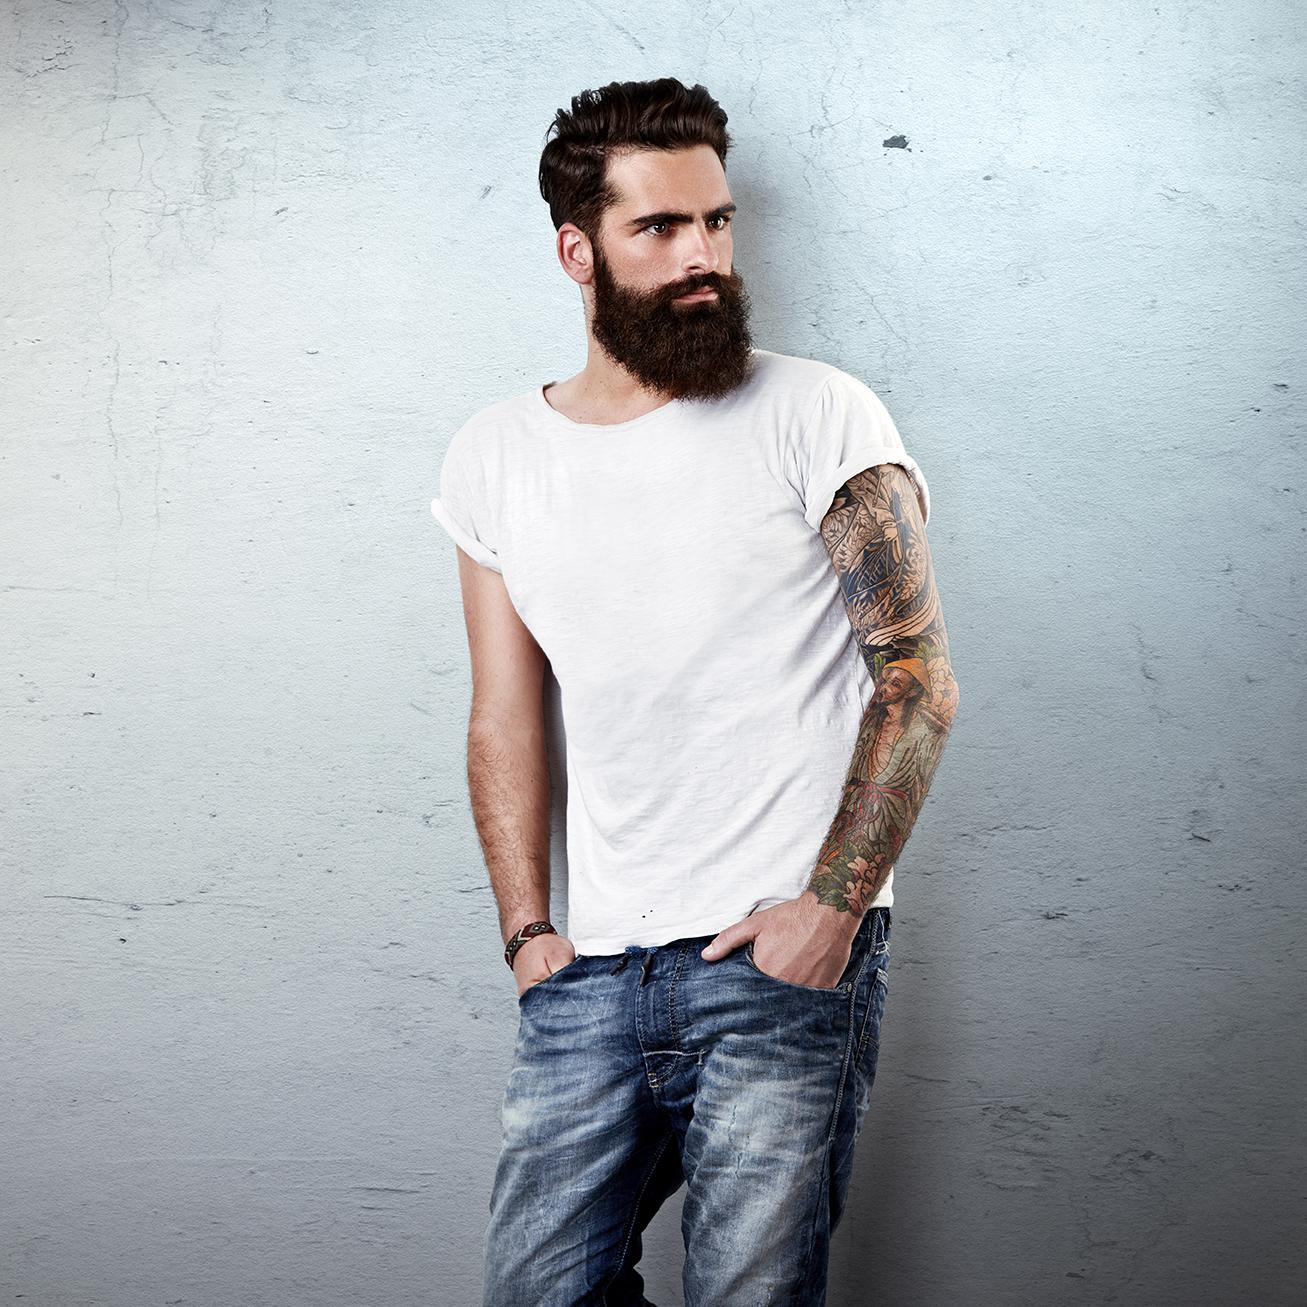 Exceptionnel Offerta di uomo barba e capelli a Roma | Spiiky OS37